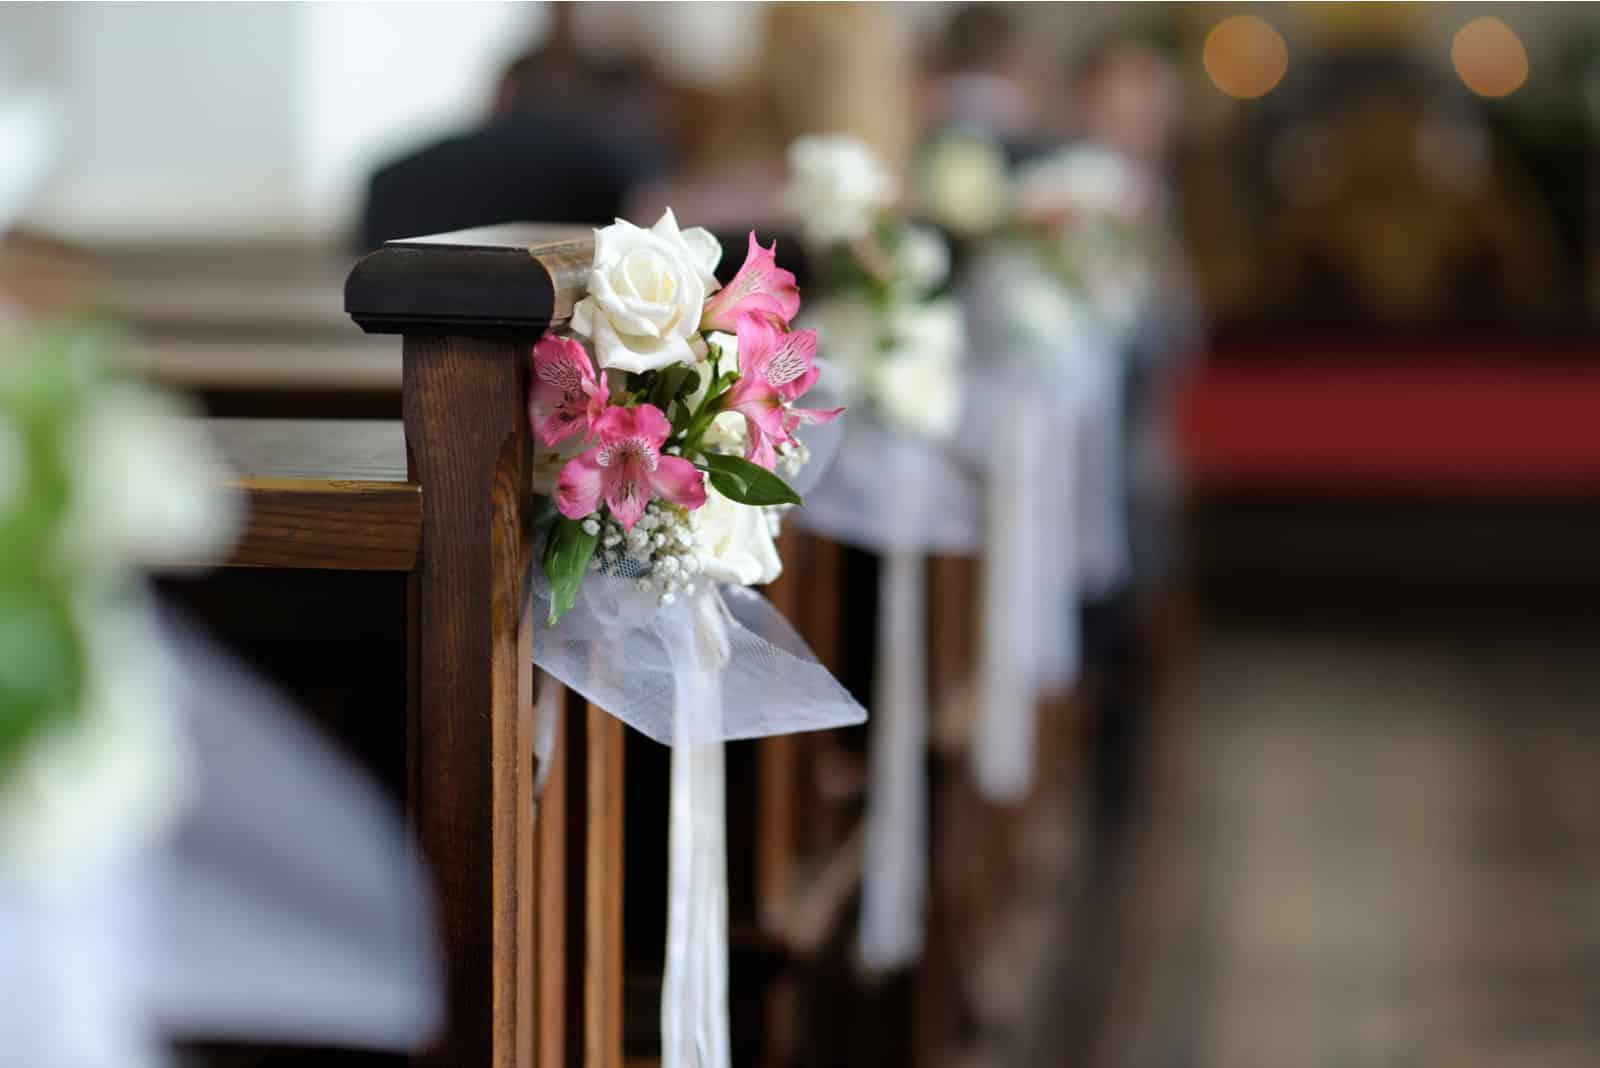 Schöne Blumenhochzeitsdekoration in einer Kirche